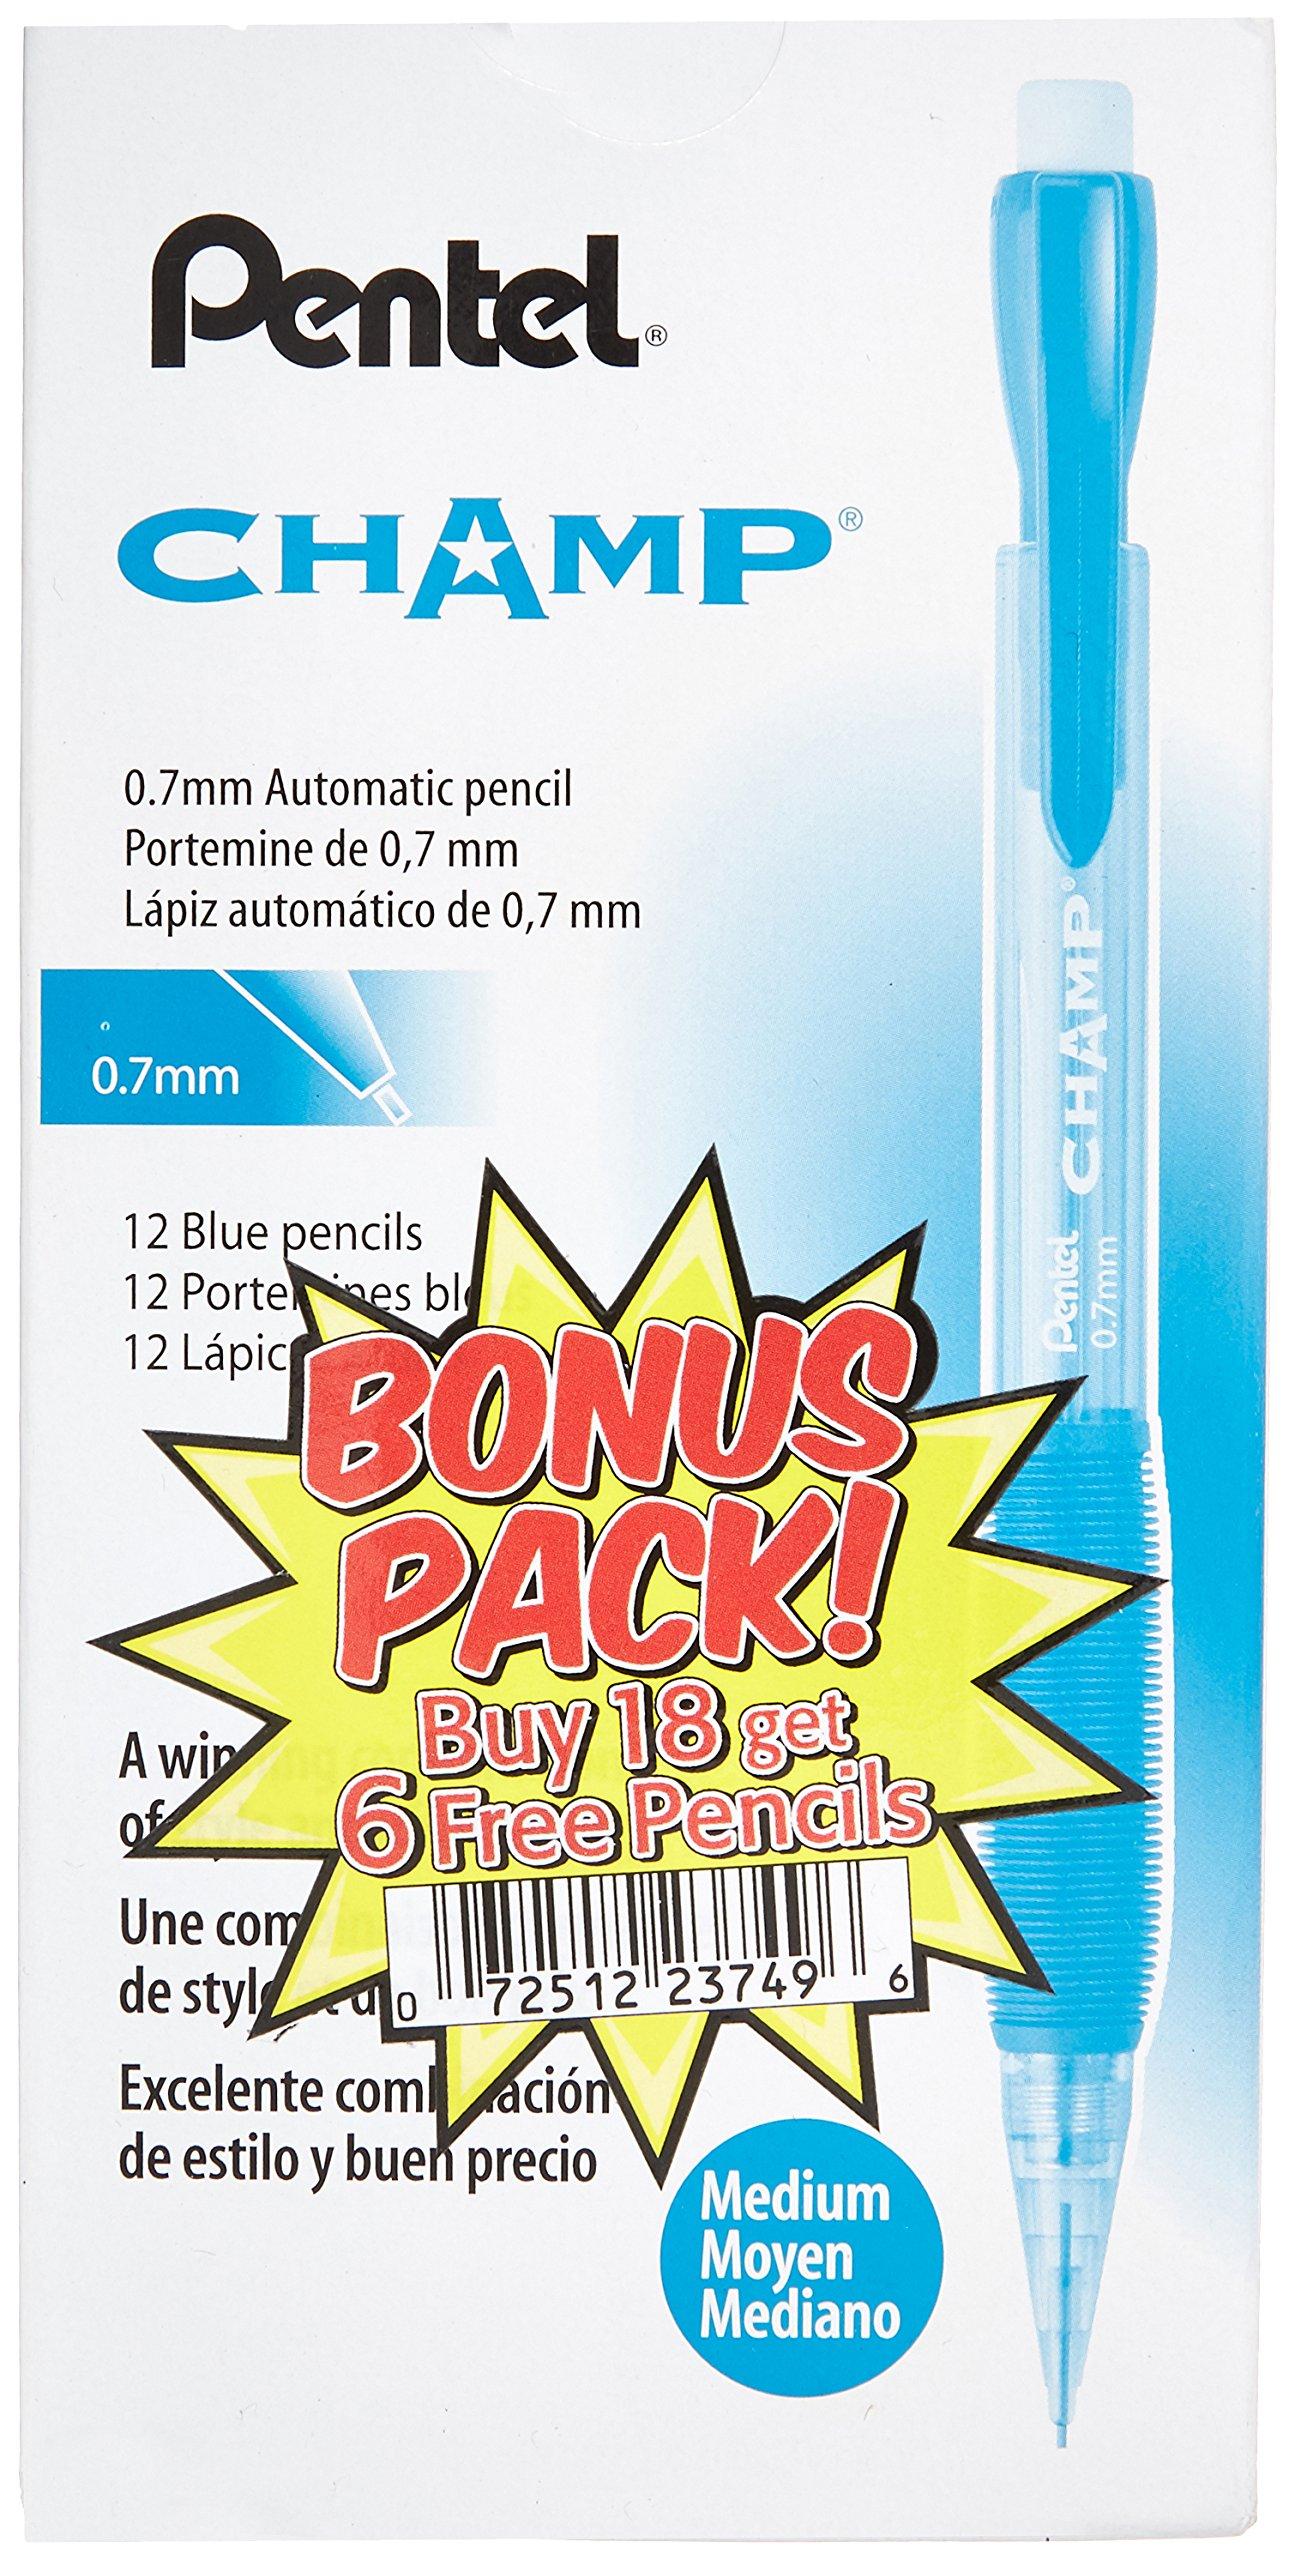 24 x PENAL17CSWUS - Portaminas Pentel Champ, barril azul